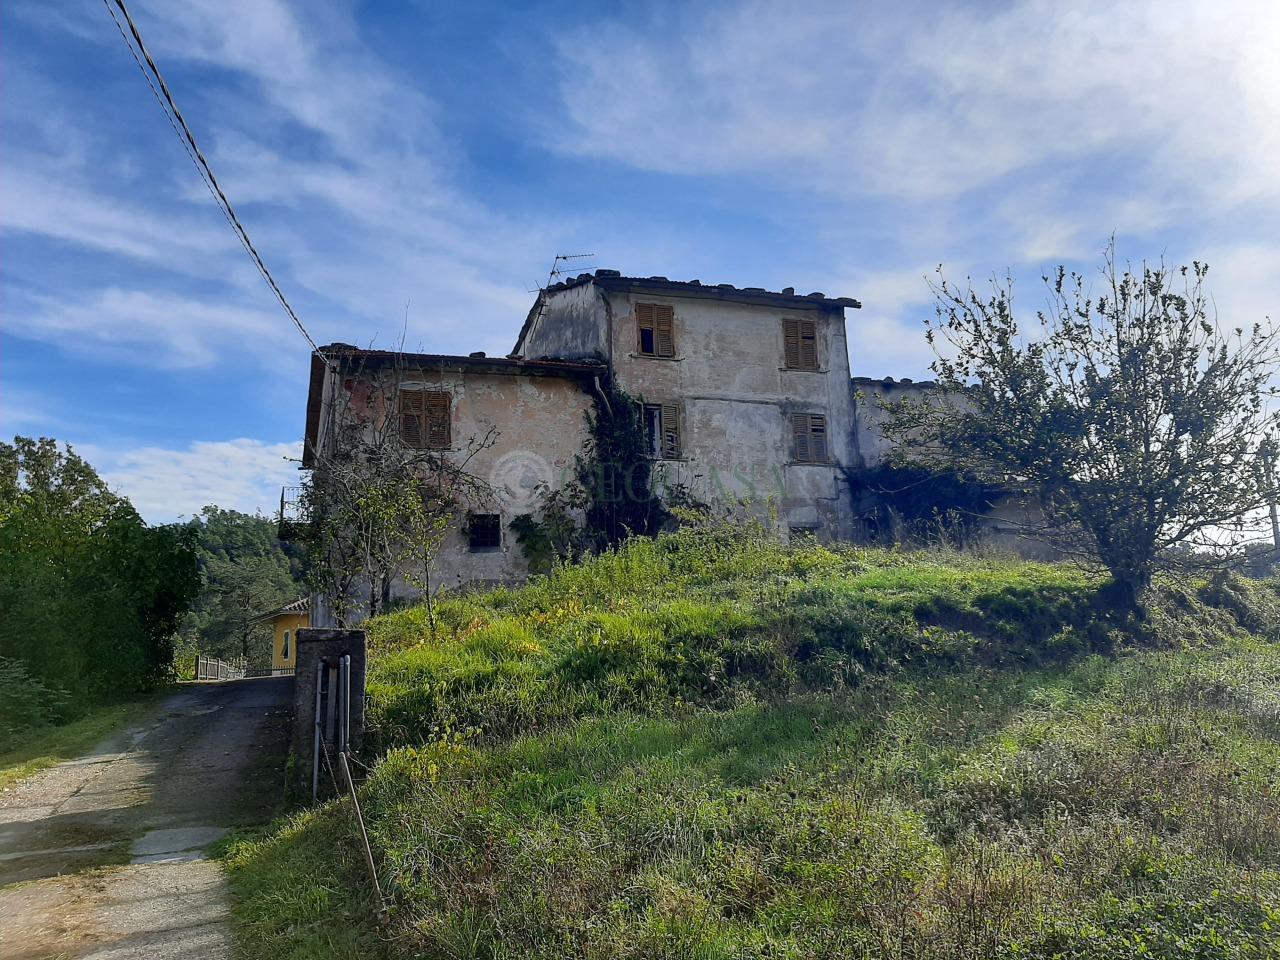 Rustico / Casale in vendita a Riccò del Golfo di Spezia, 8 locali, prezzo € 135.000   PortaleAgenzieImmobiliari.it